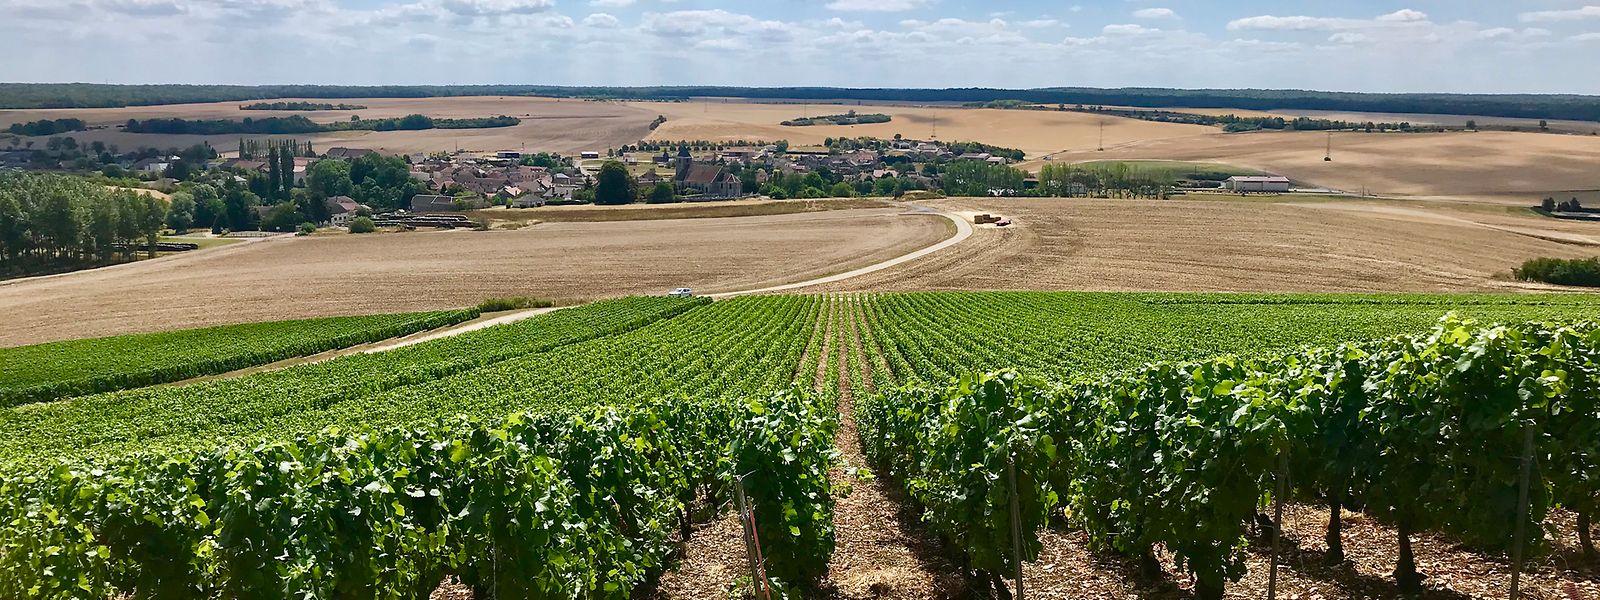 Par-delà des vignes, le village de Champignol-les-Mondeville. 17 caves numérotées sont à découvrir dans la vallée de l'Arce en Seine.